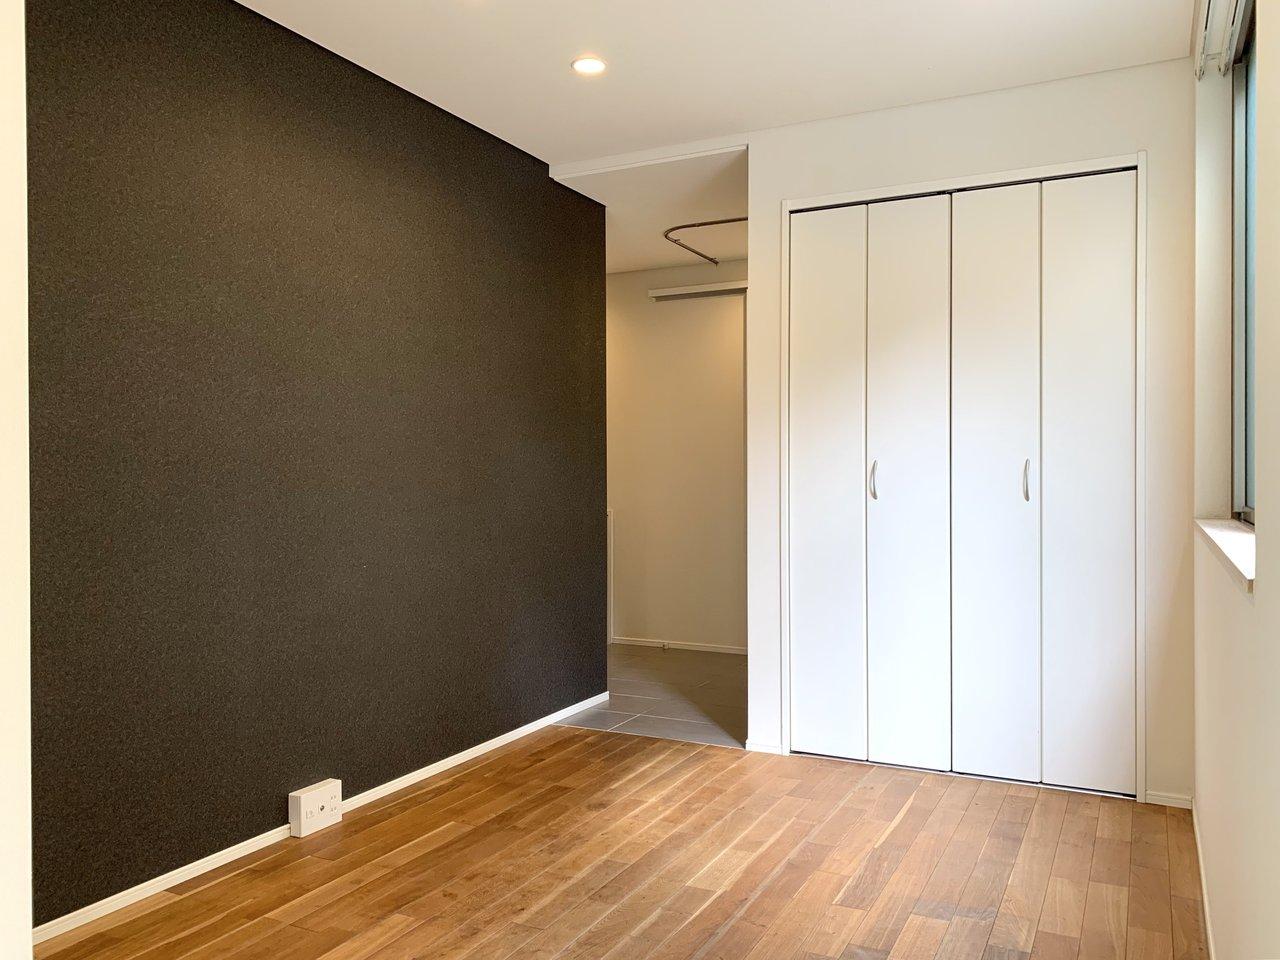 ダークトーンの壁紙が部屋の印象をキリっと引き締めてくれます。この辺りにテレビを置くのがいいでしょう。